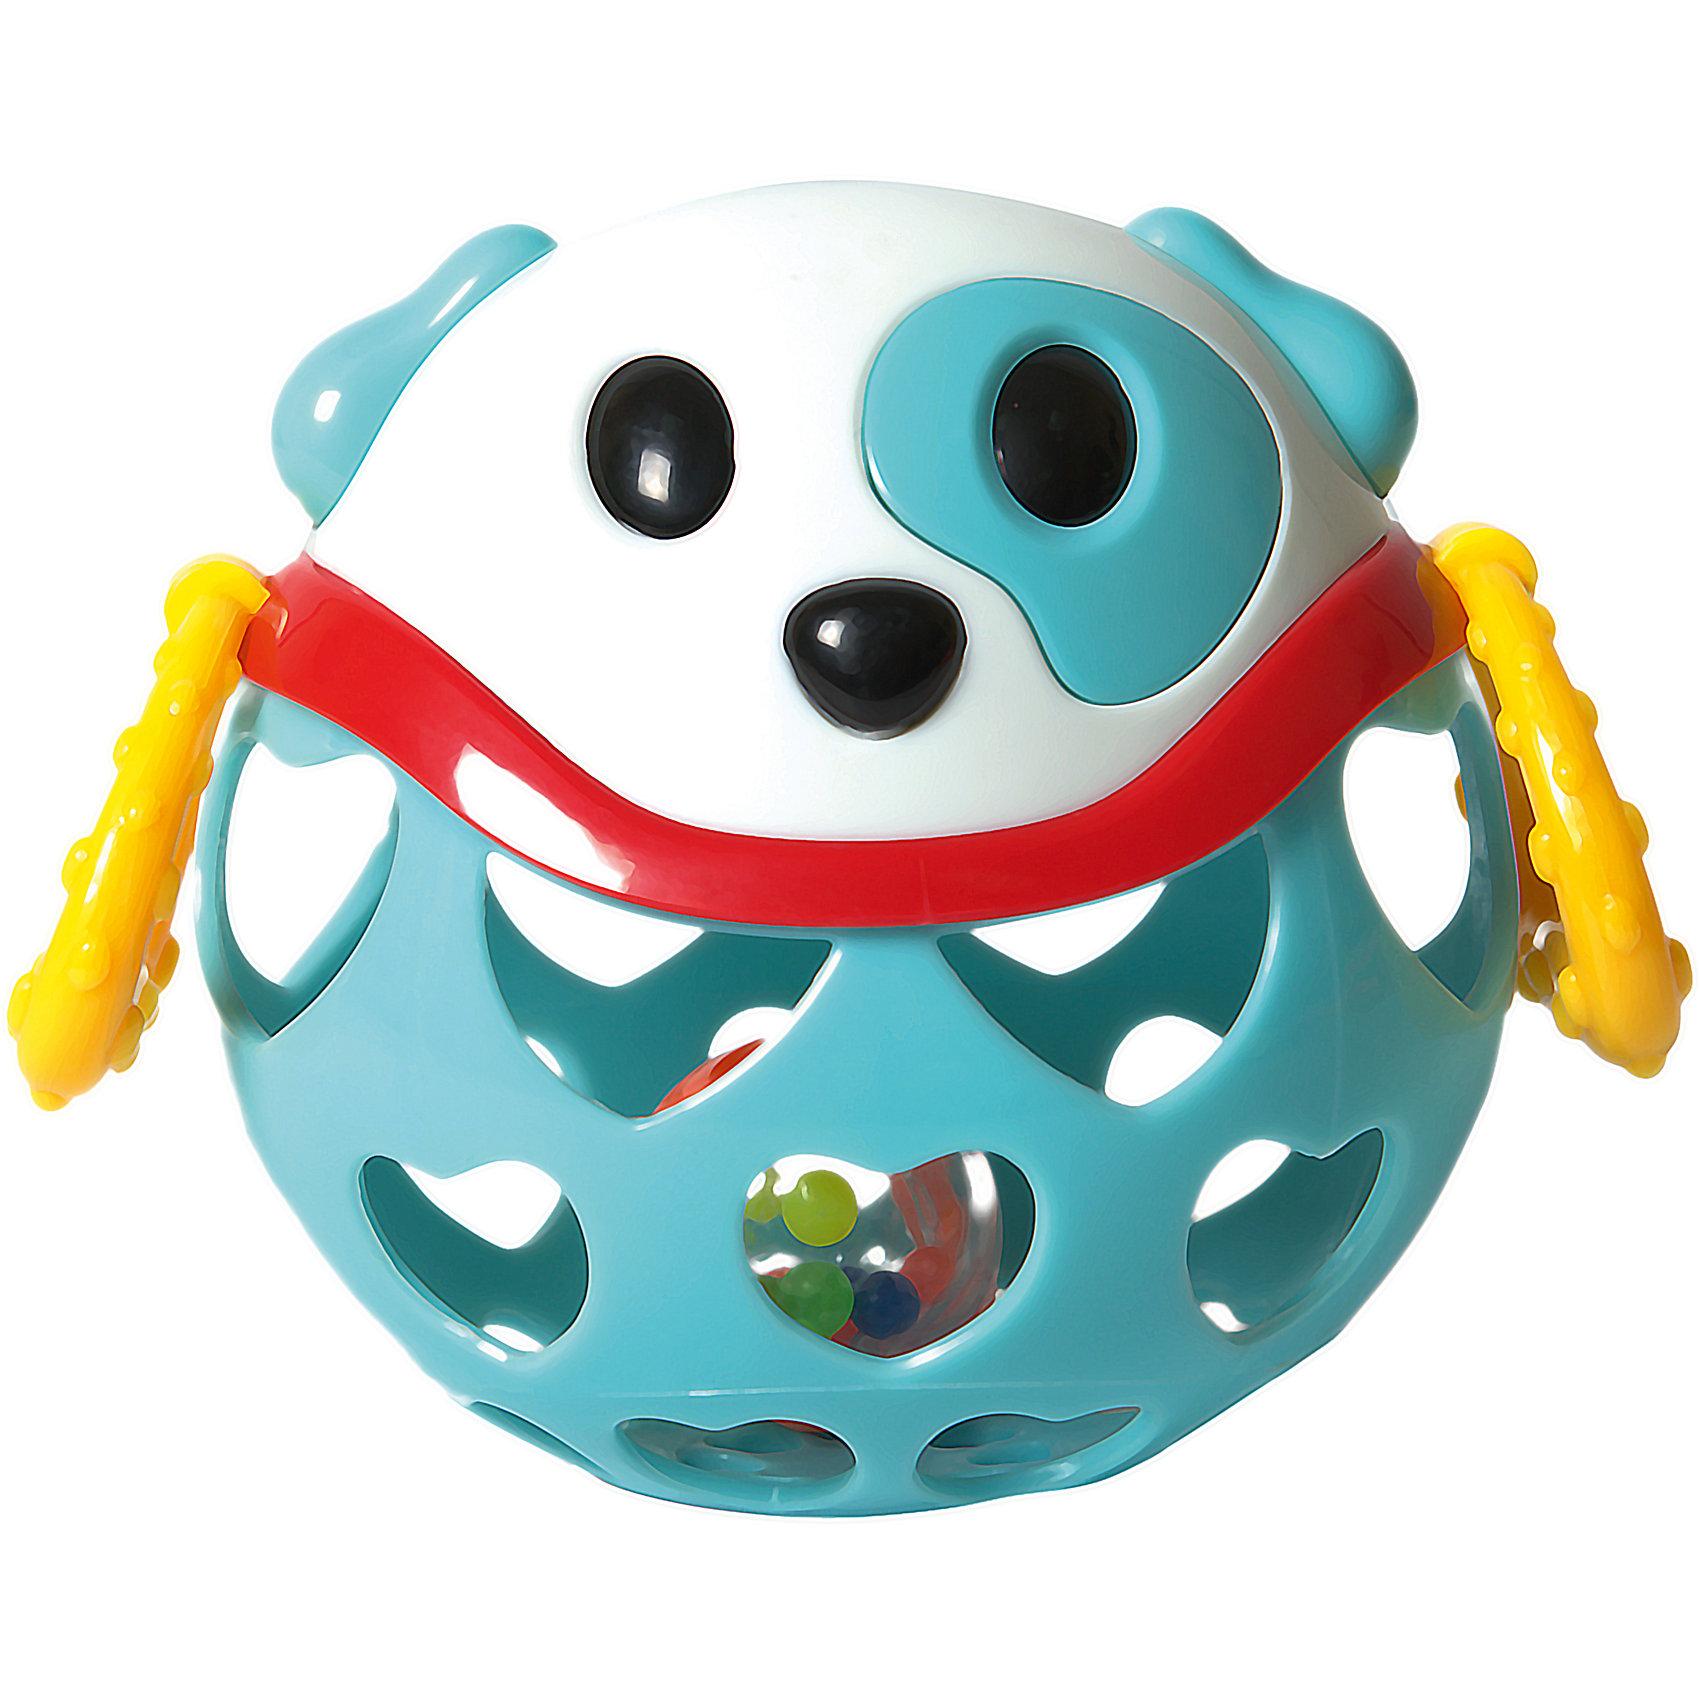 Погремушка-неразбивайка Baby Trend СобакаПогремушки<br>Характеристики:<br><br>• возраст: от 3 месяцев<br>• материал: мягкий гибкий пластик<br>• размер игрушки: 11х11,5х7,5 см.<br>• размер упаковки: 16,5х11,5х7,5 см.<br>• вес: 181 гр.<br><br>Яркая игрушка-неразбивайка «Собака» от Baby Trend (Беби Тренд) изготовлена из мягкого гибкого высококачественного пластика. Игрушка не имеет острых и опасных выступов. Благодаря уникальной форме ее удобно держать маленькими пальчиками.<br><br>Внутри игрушки находится прозрачный контейнер с цветными шариками, которые издают забавные звуки при встряхивании. Рельефные ручки игрушки можно использовать в качестве прорезывателей для зубов, они успокоят нежные десна малыша.<br><br>Игрушку-неразбивайку Собака, Baby Trend (Беби Тренд) можно купить в нашем интернет-магазине.<br><br>Ширина мм: 140<br>Глубина мм: 135<br>Высота мм: 105<br>Вес г: 181<br>Возраст от месяцев: 3<br>Возраст до месяцев: 2147483647<br>Пол: Унисекс<br>Возраст: Детский<br>SKU: 6872170